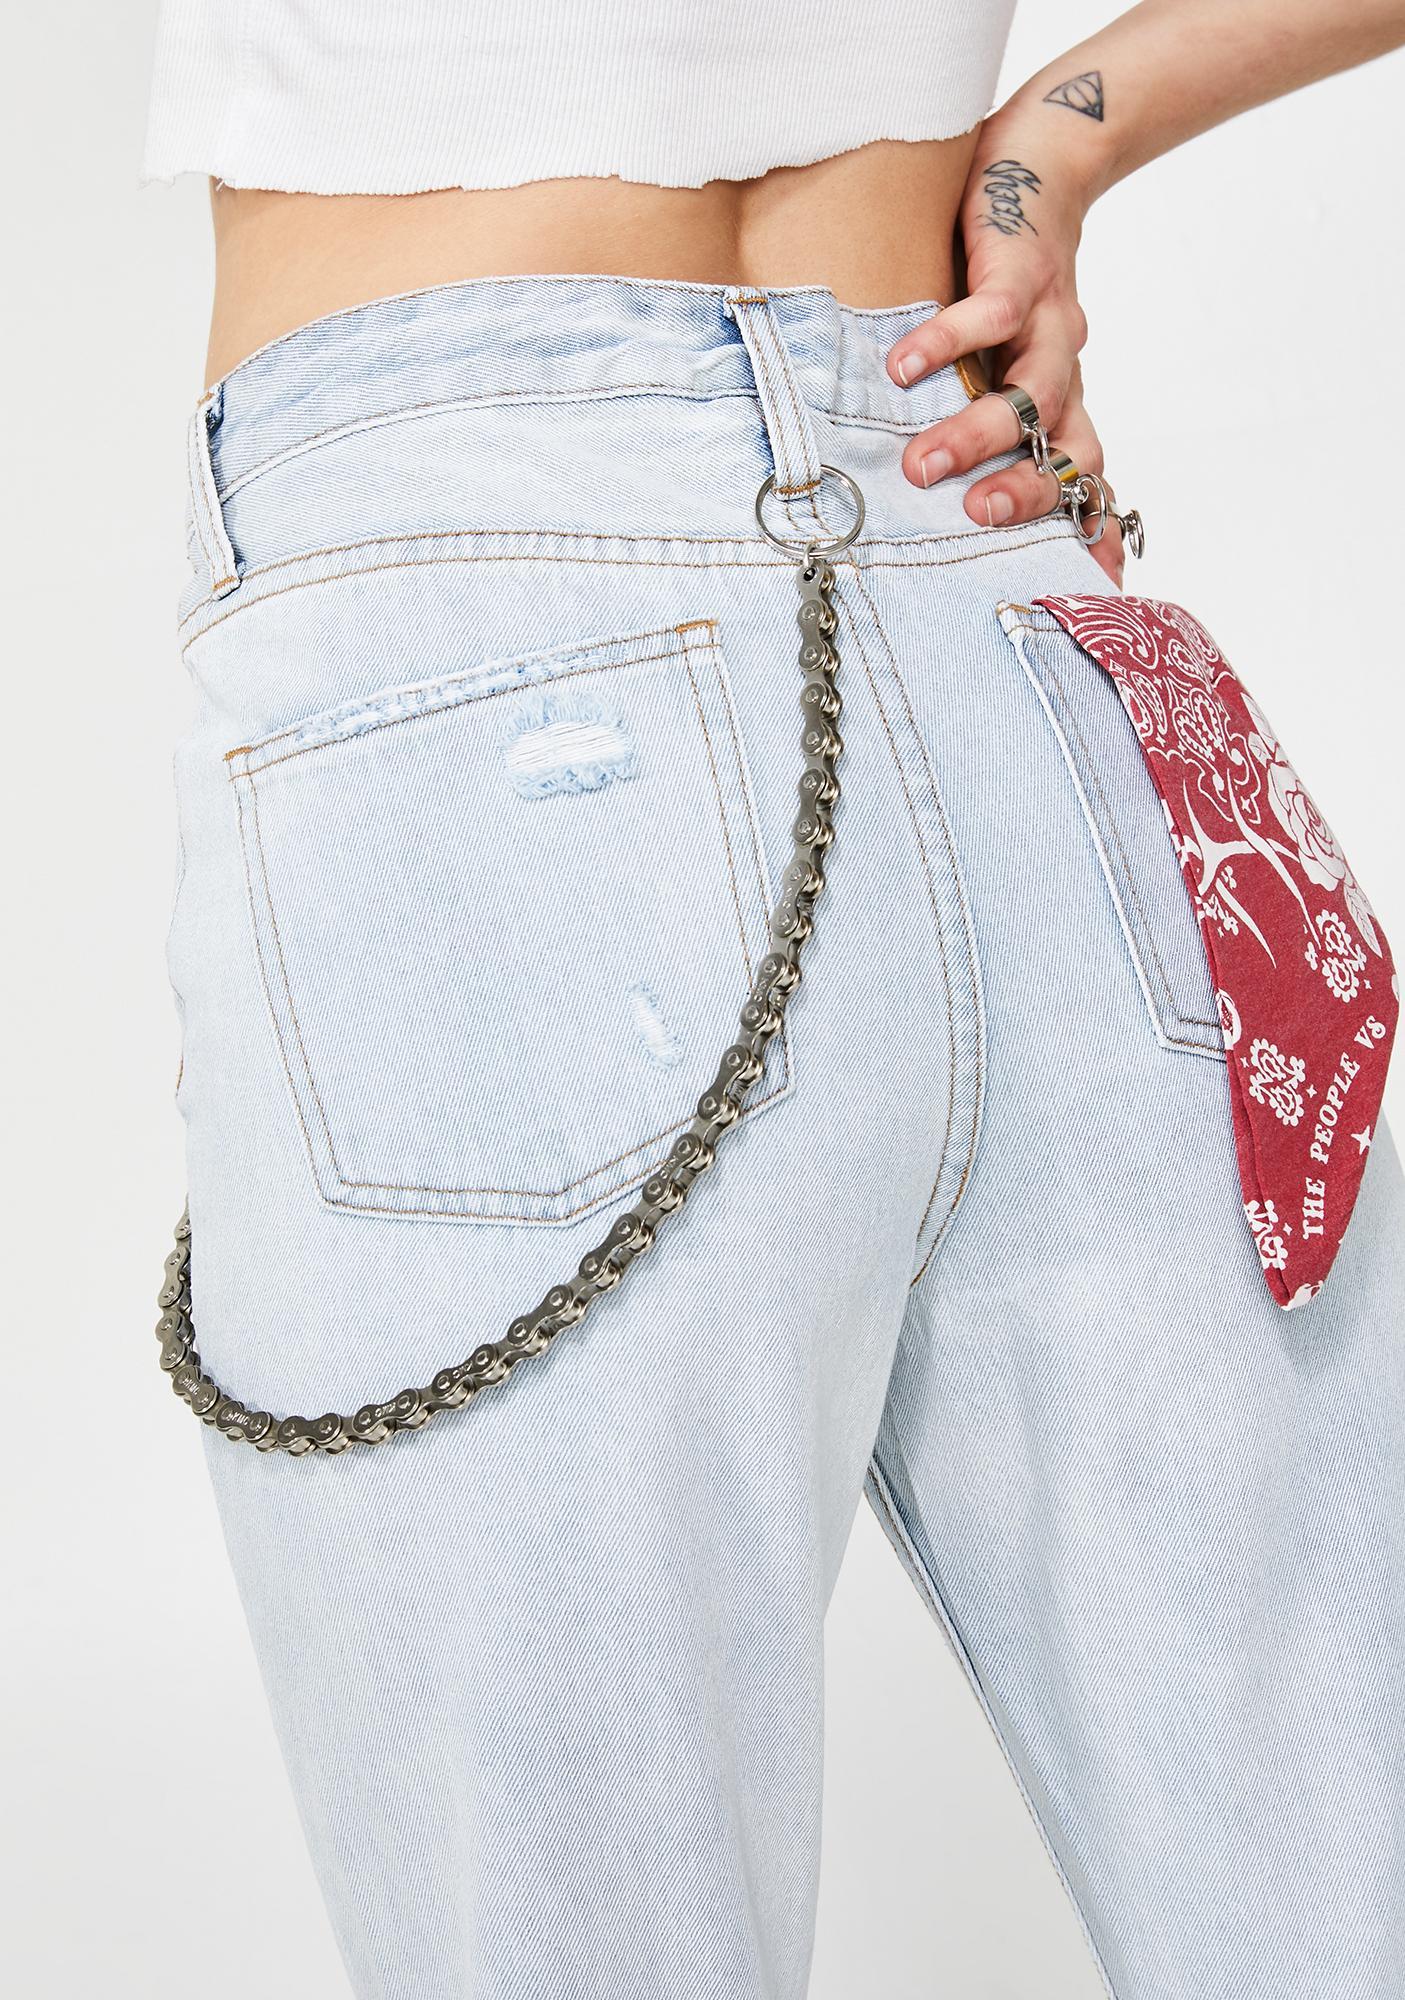 Baddie Vibez Belt Chain